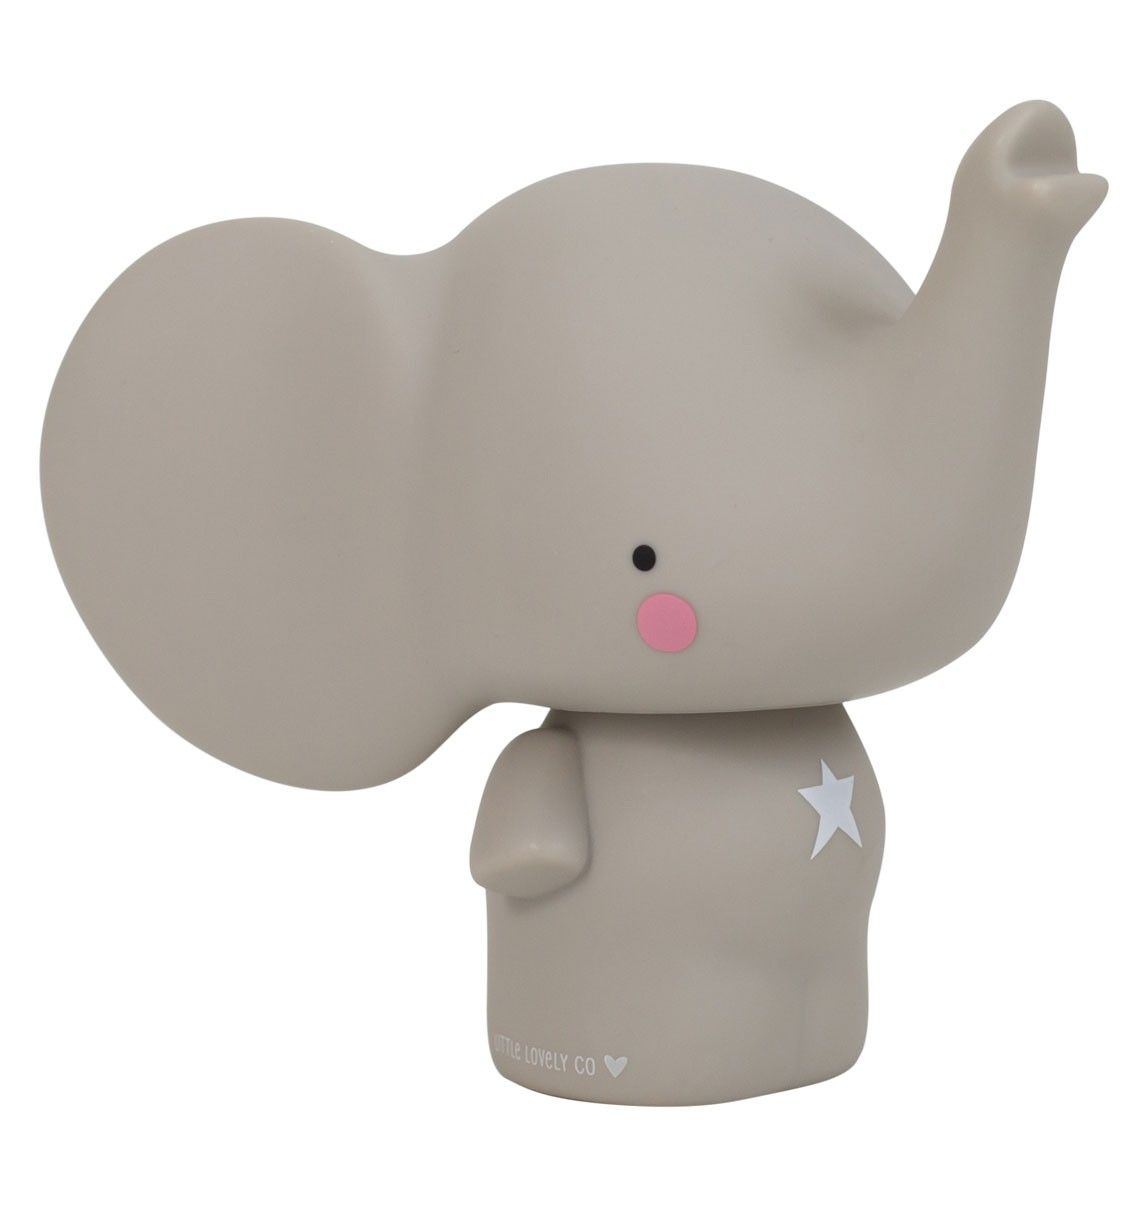 Image of Sparebøsse fra A Little Lovely Company - Elefant - Grå (MBELGR05)